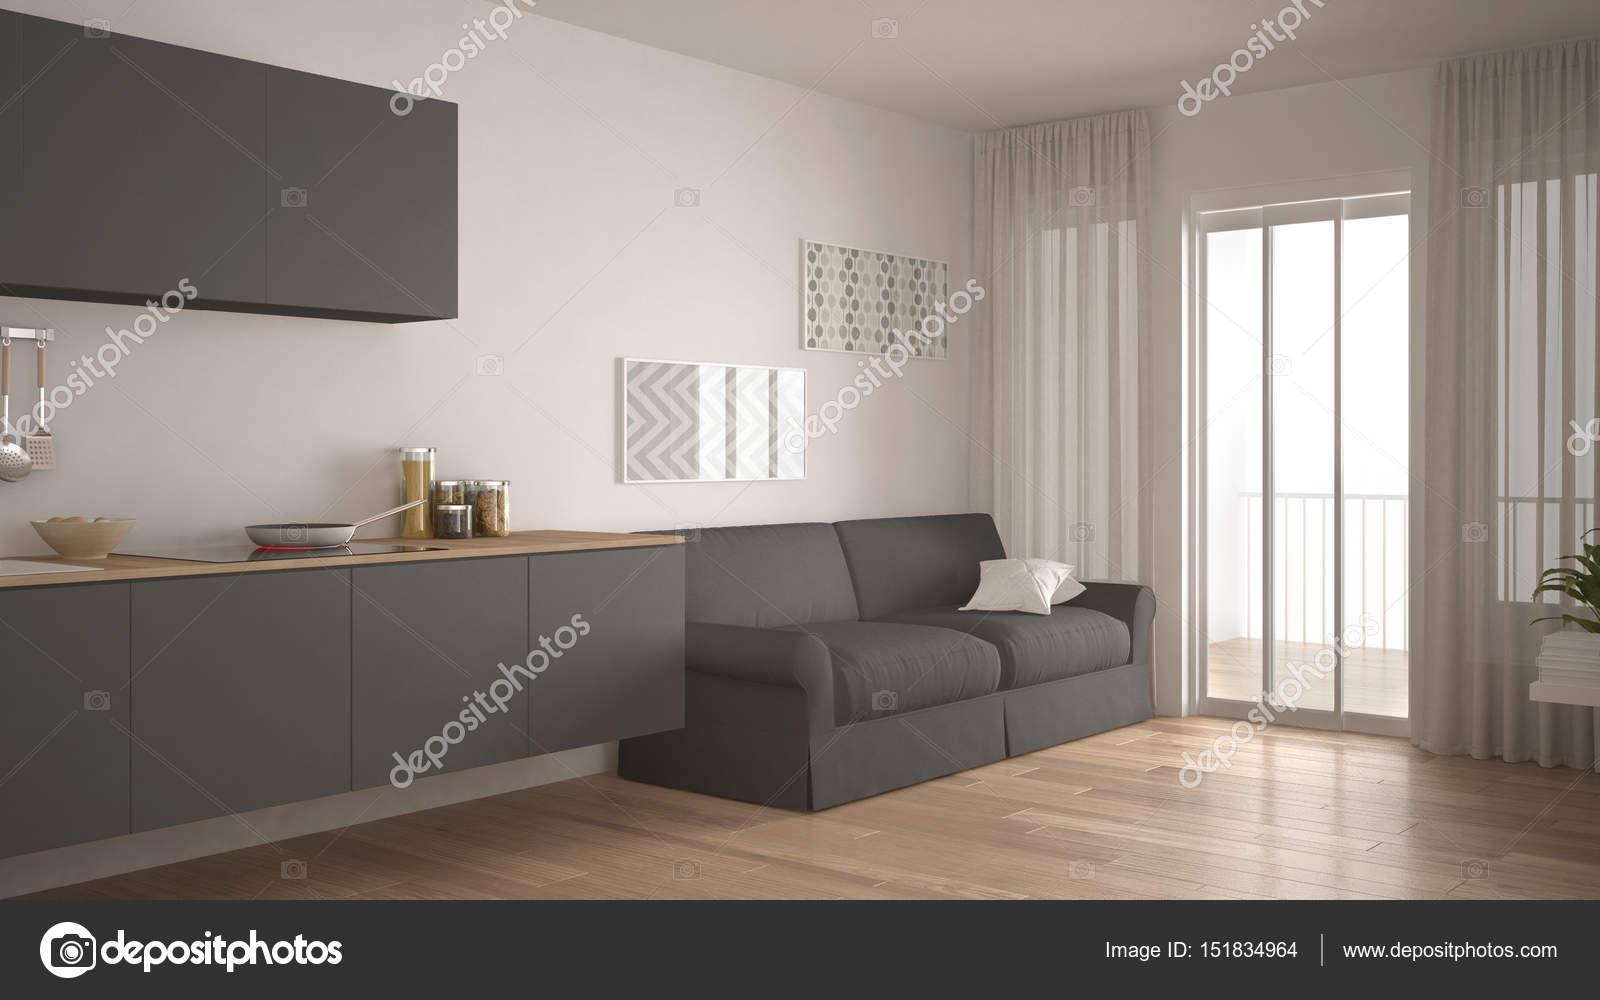 Pavimento Bianco E Grigio : Cucina scandinava con divano pavimento in parquet bianco e